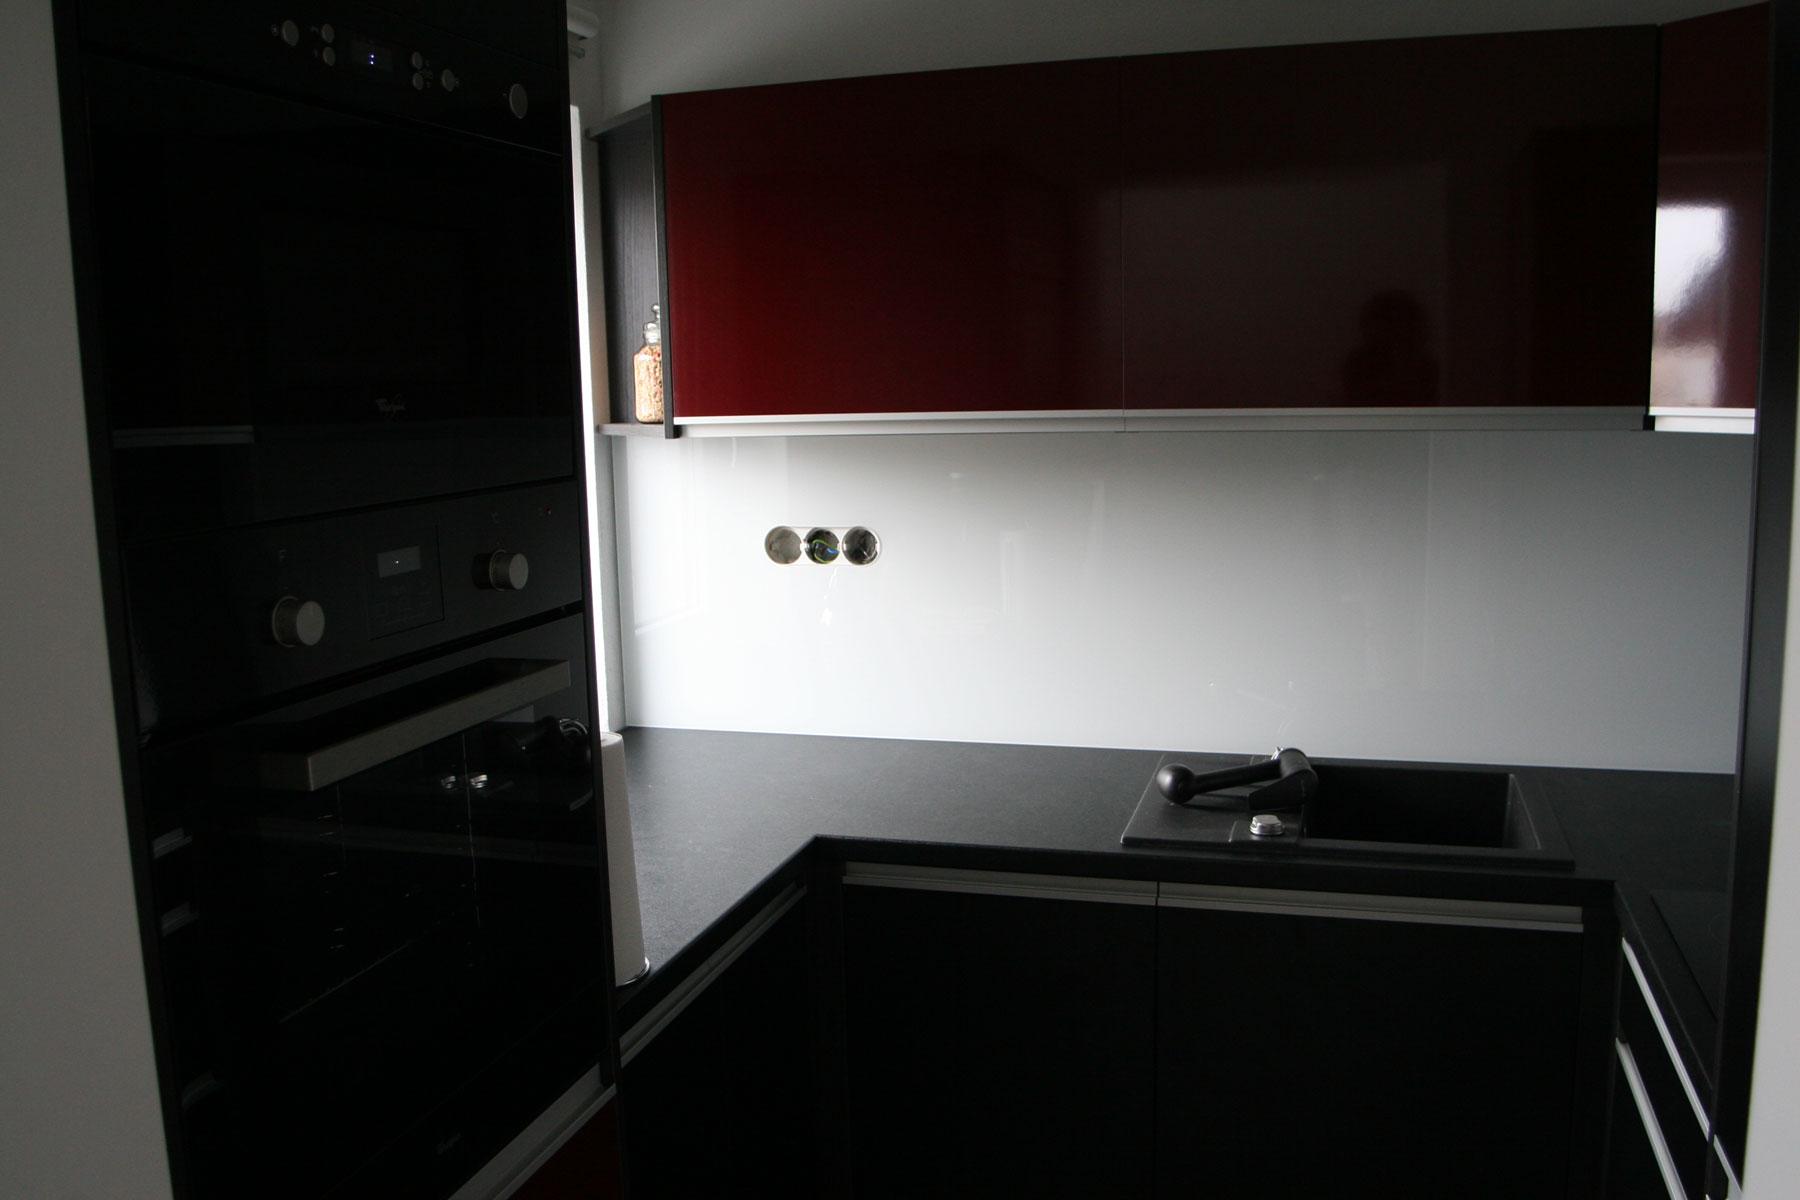 Sklenarstvi-Prerost-obklady- za-kuchynske- linky (25)